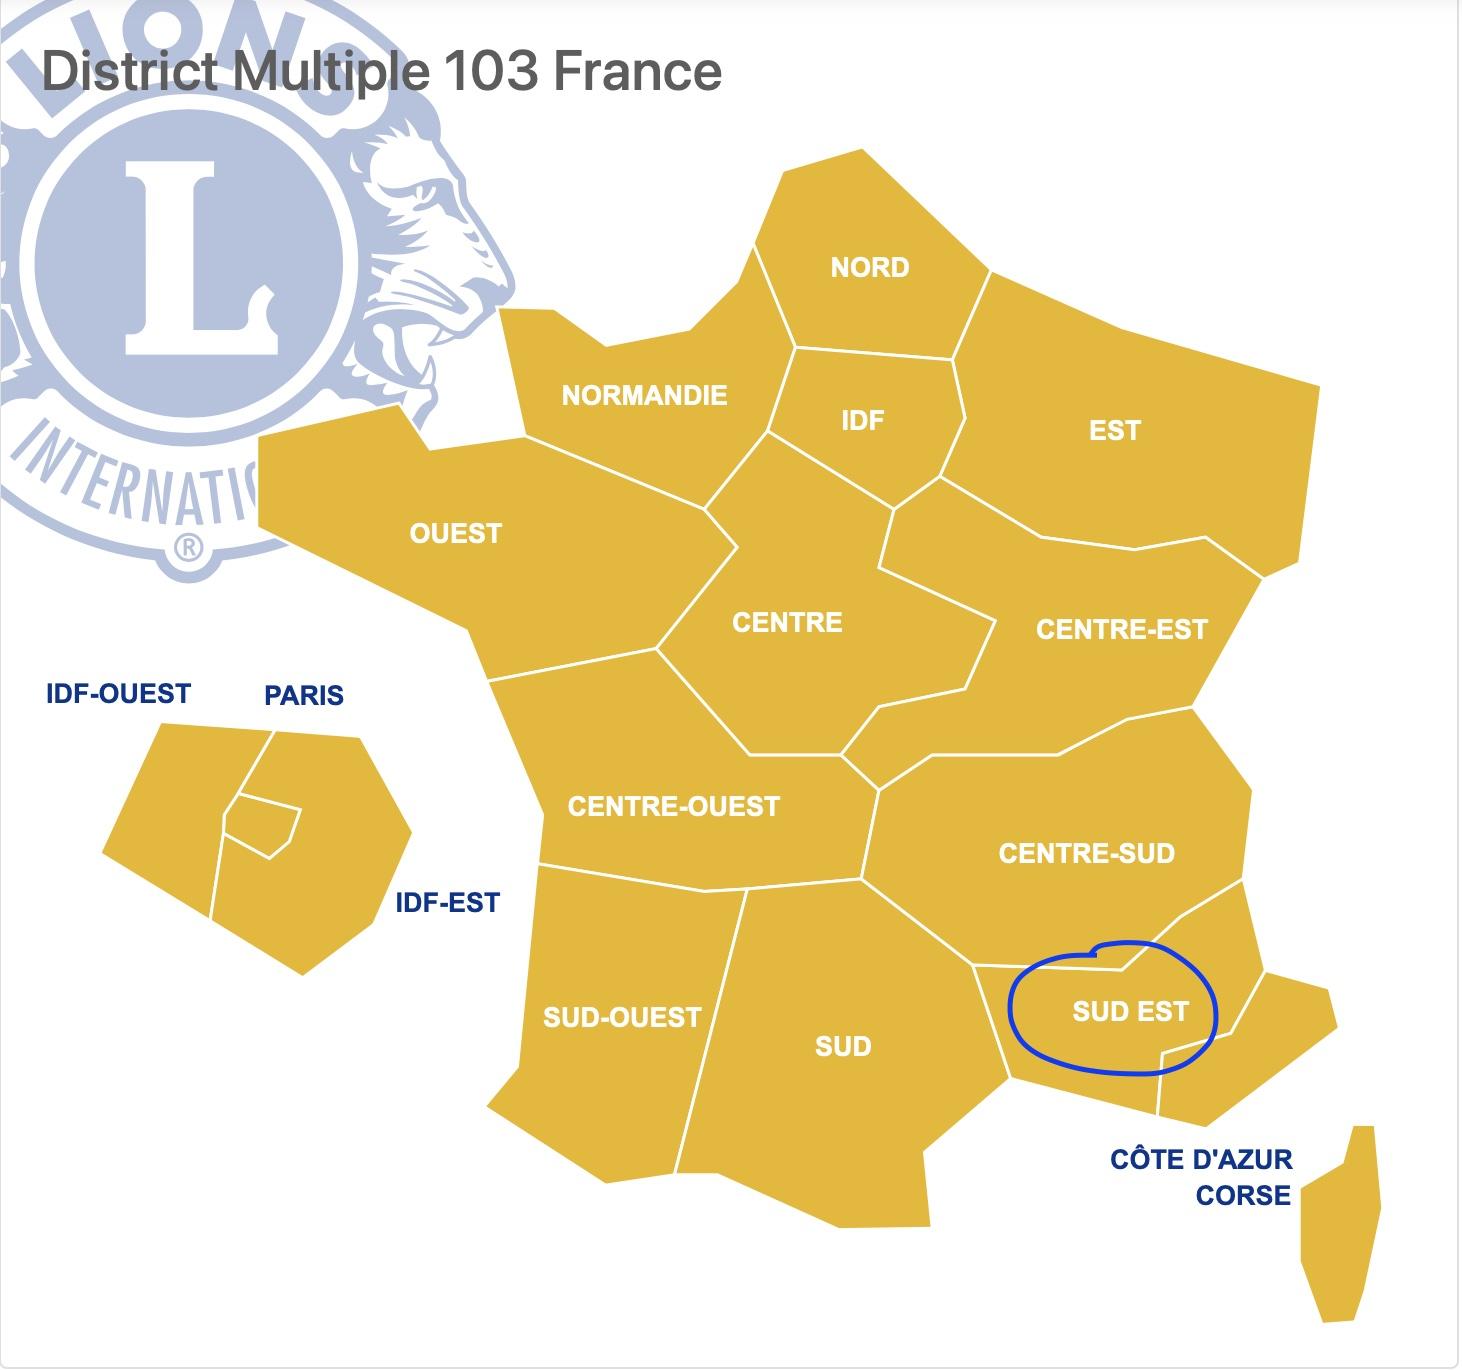 District SUD-EST